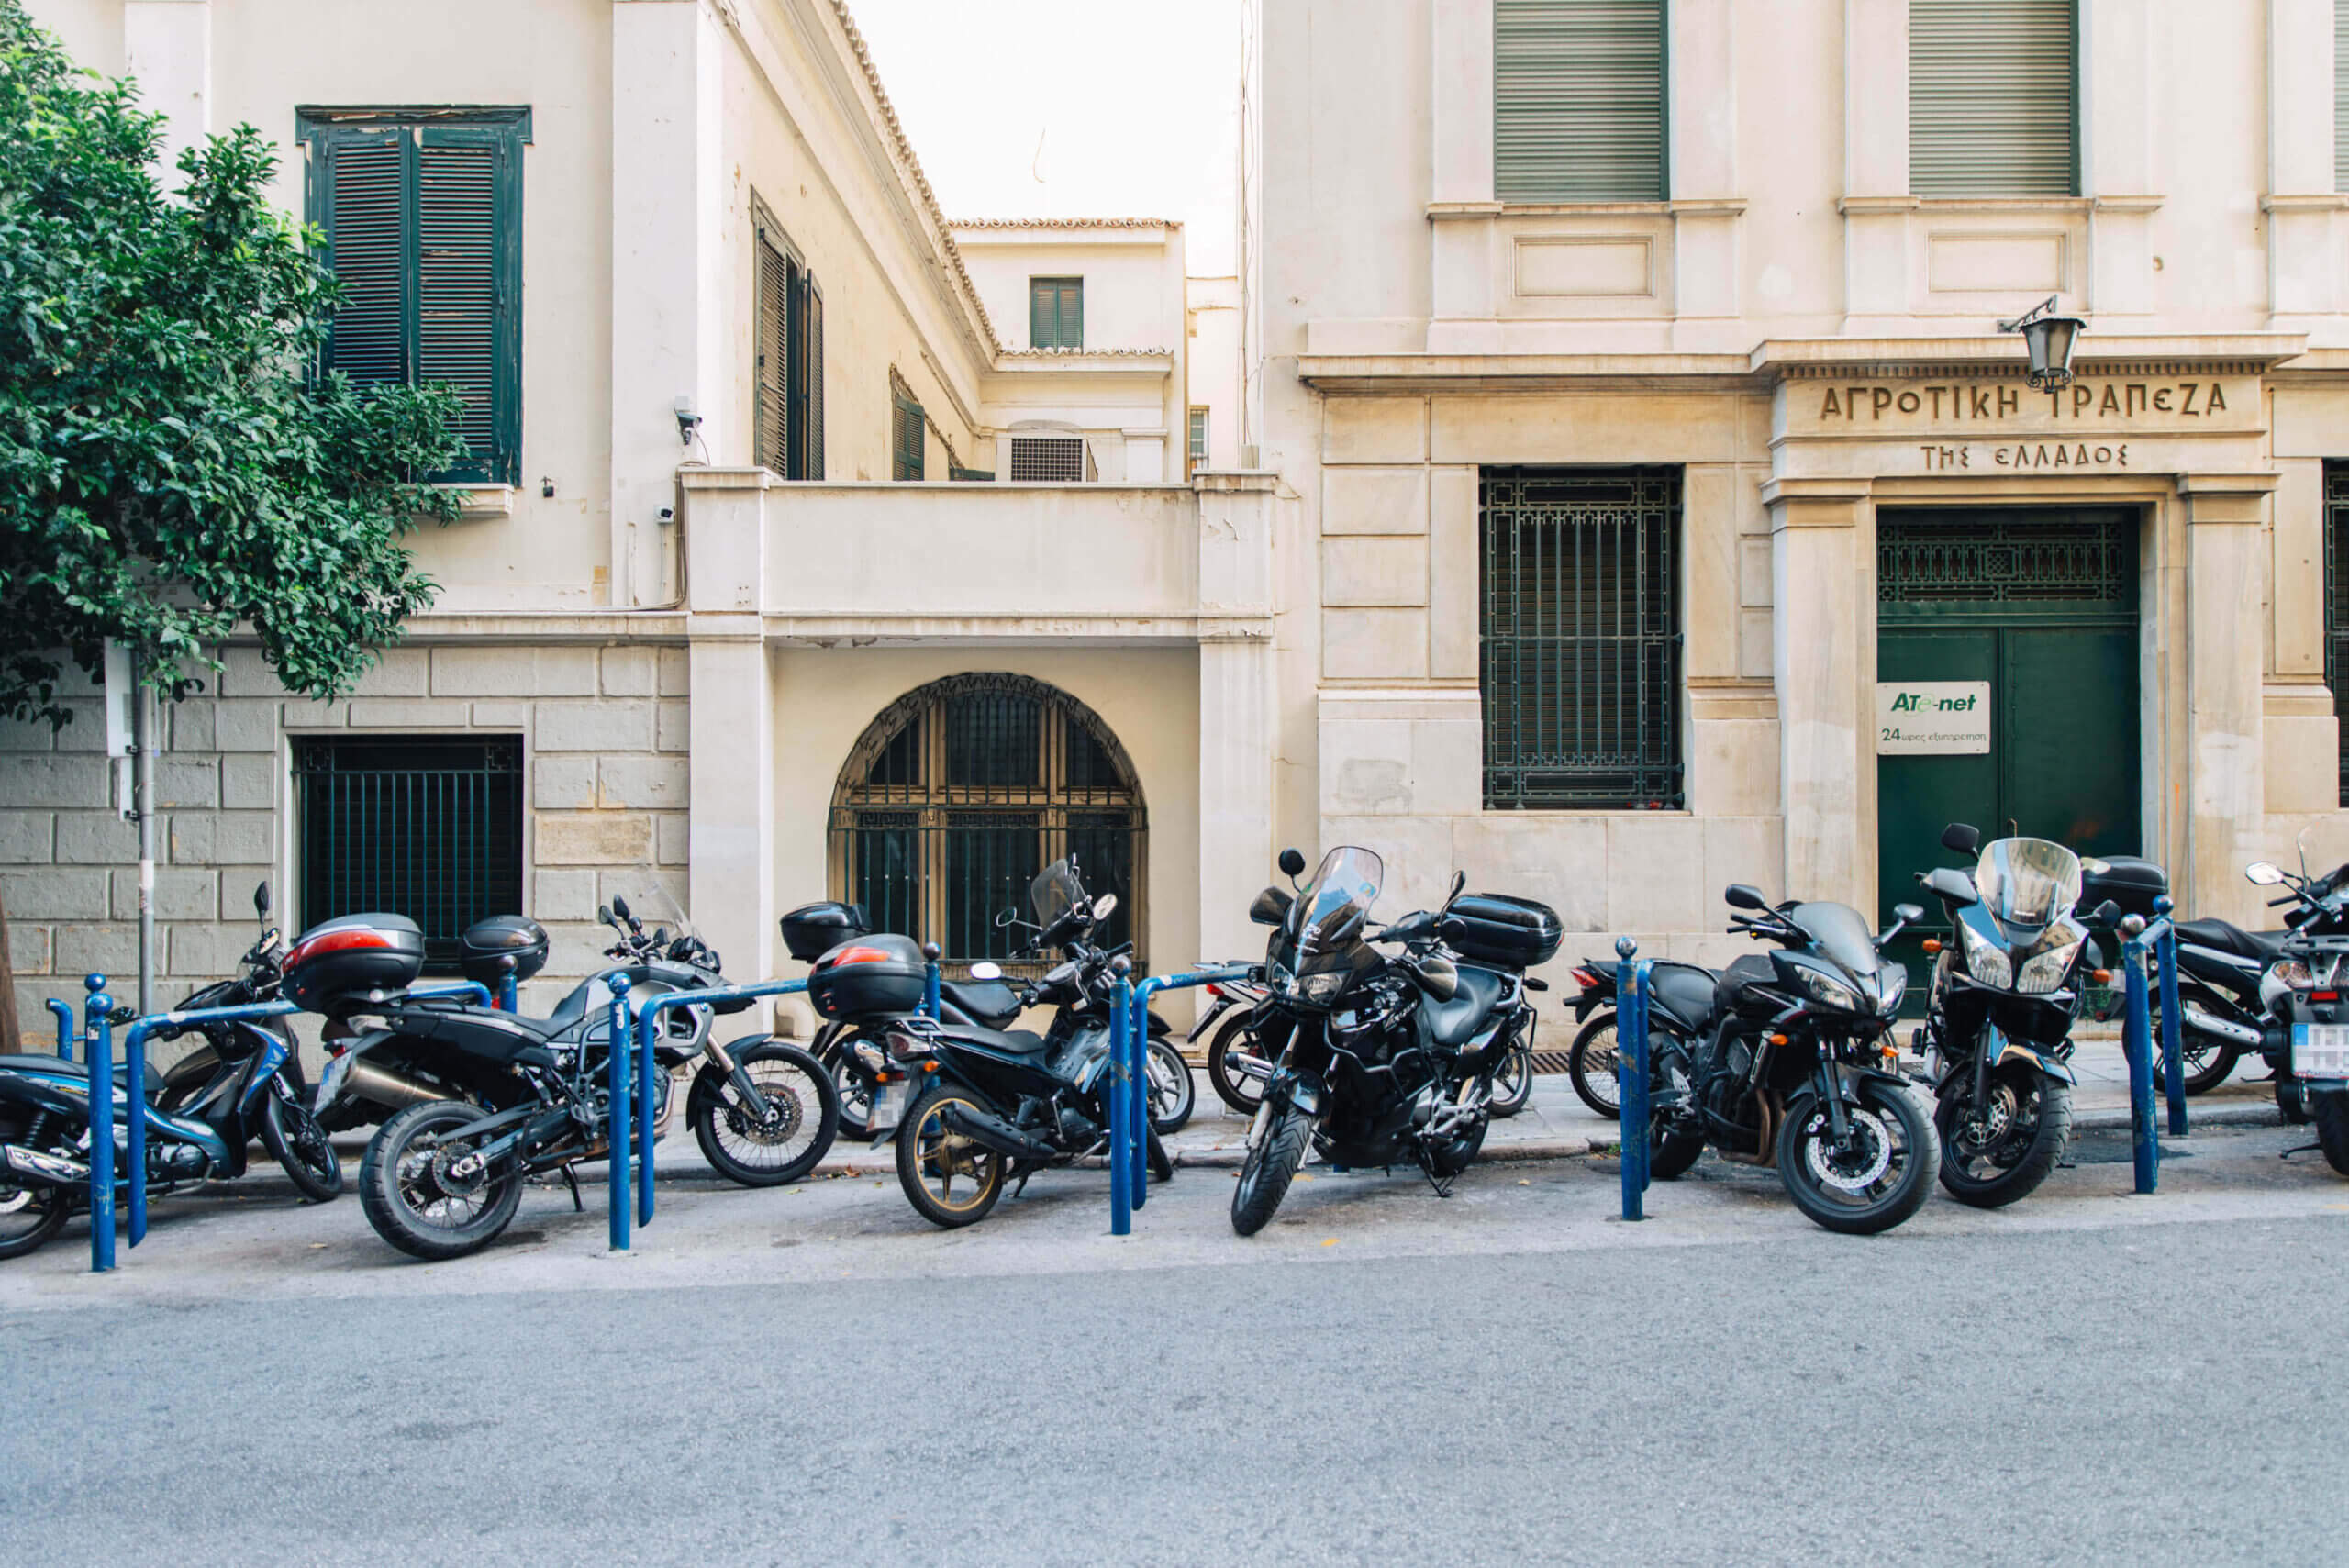 Δήμος Αθηναίων: 1.180 νέες θέσεις στάθμευσης δικύκλων στο κέντρο και τις γειτονιές